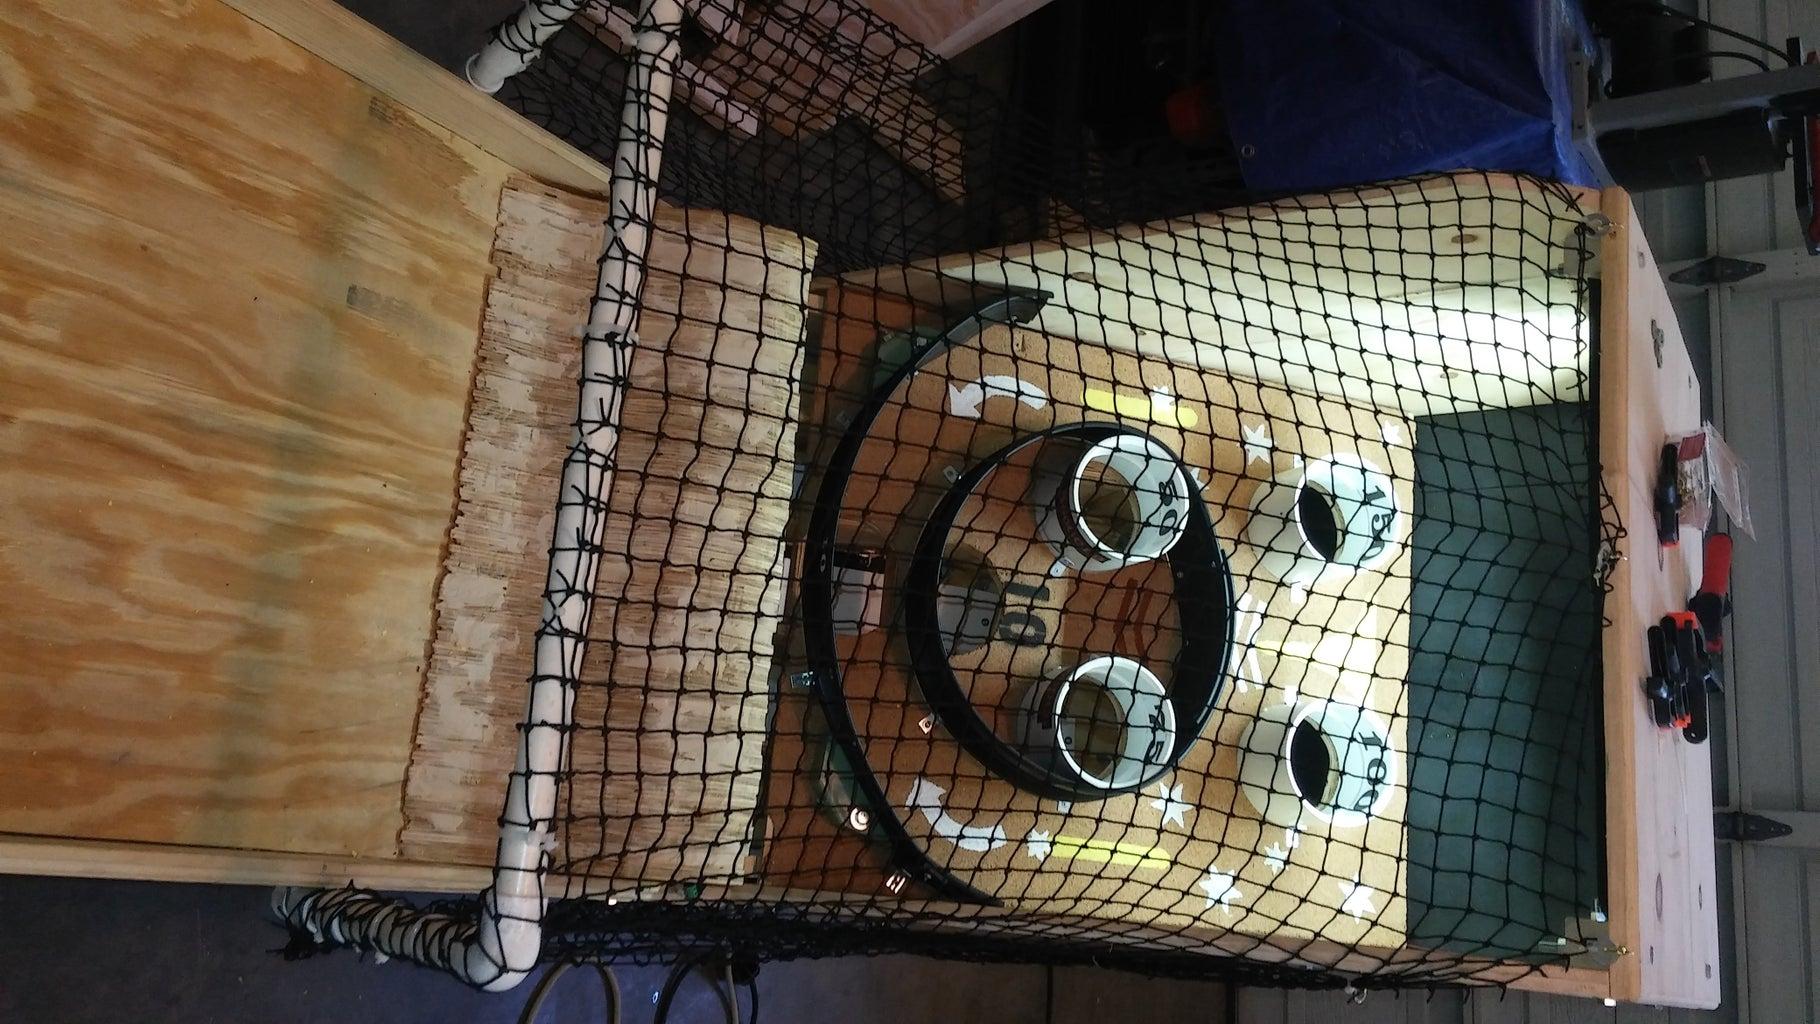 Adding a Net